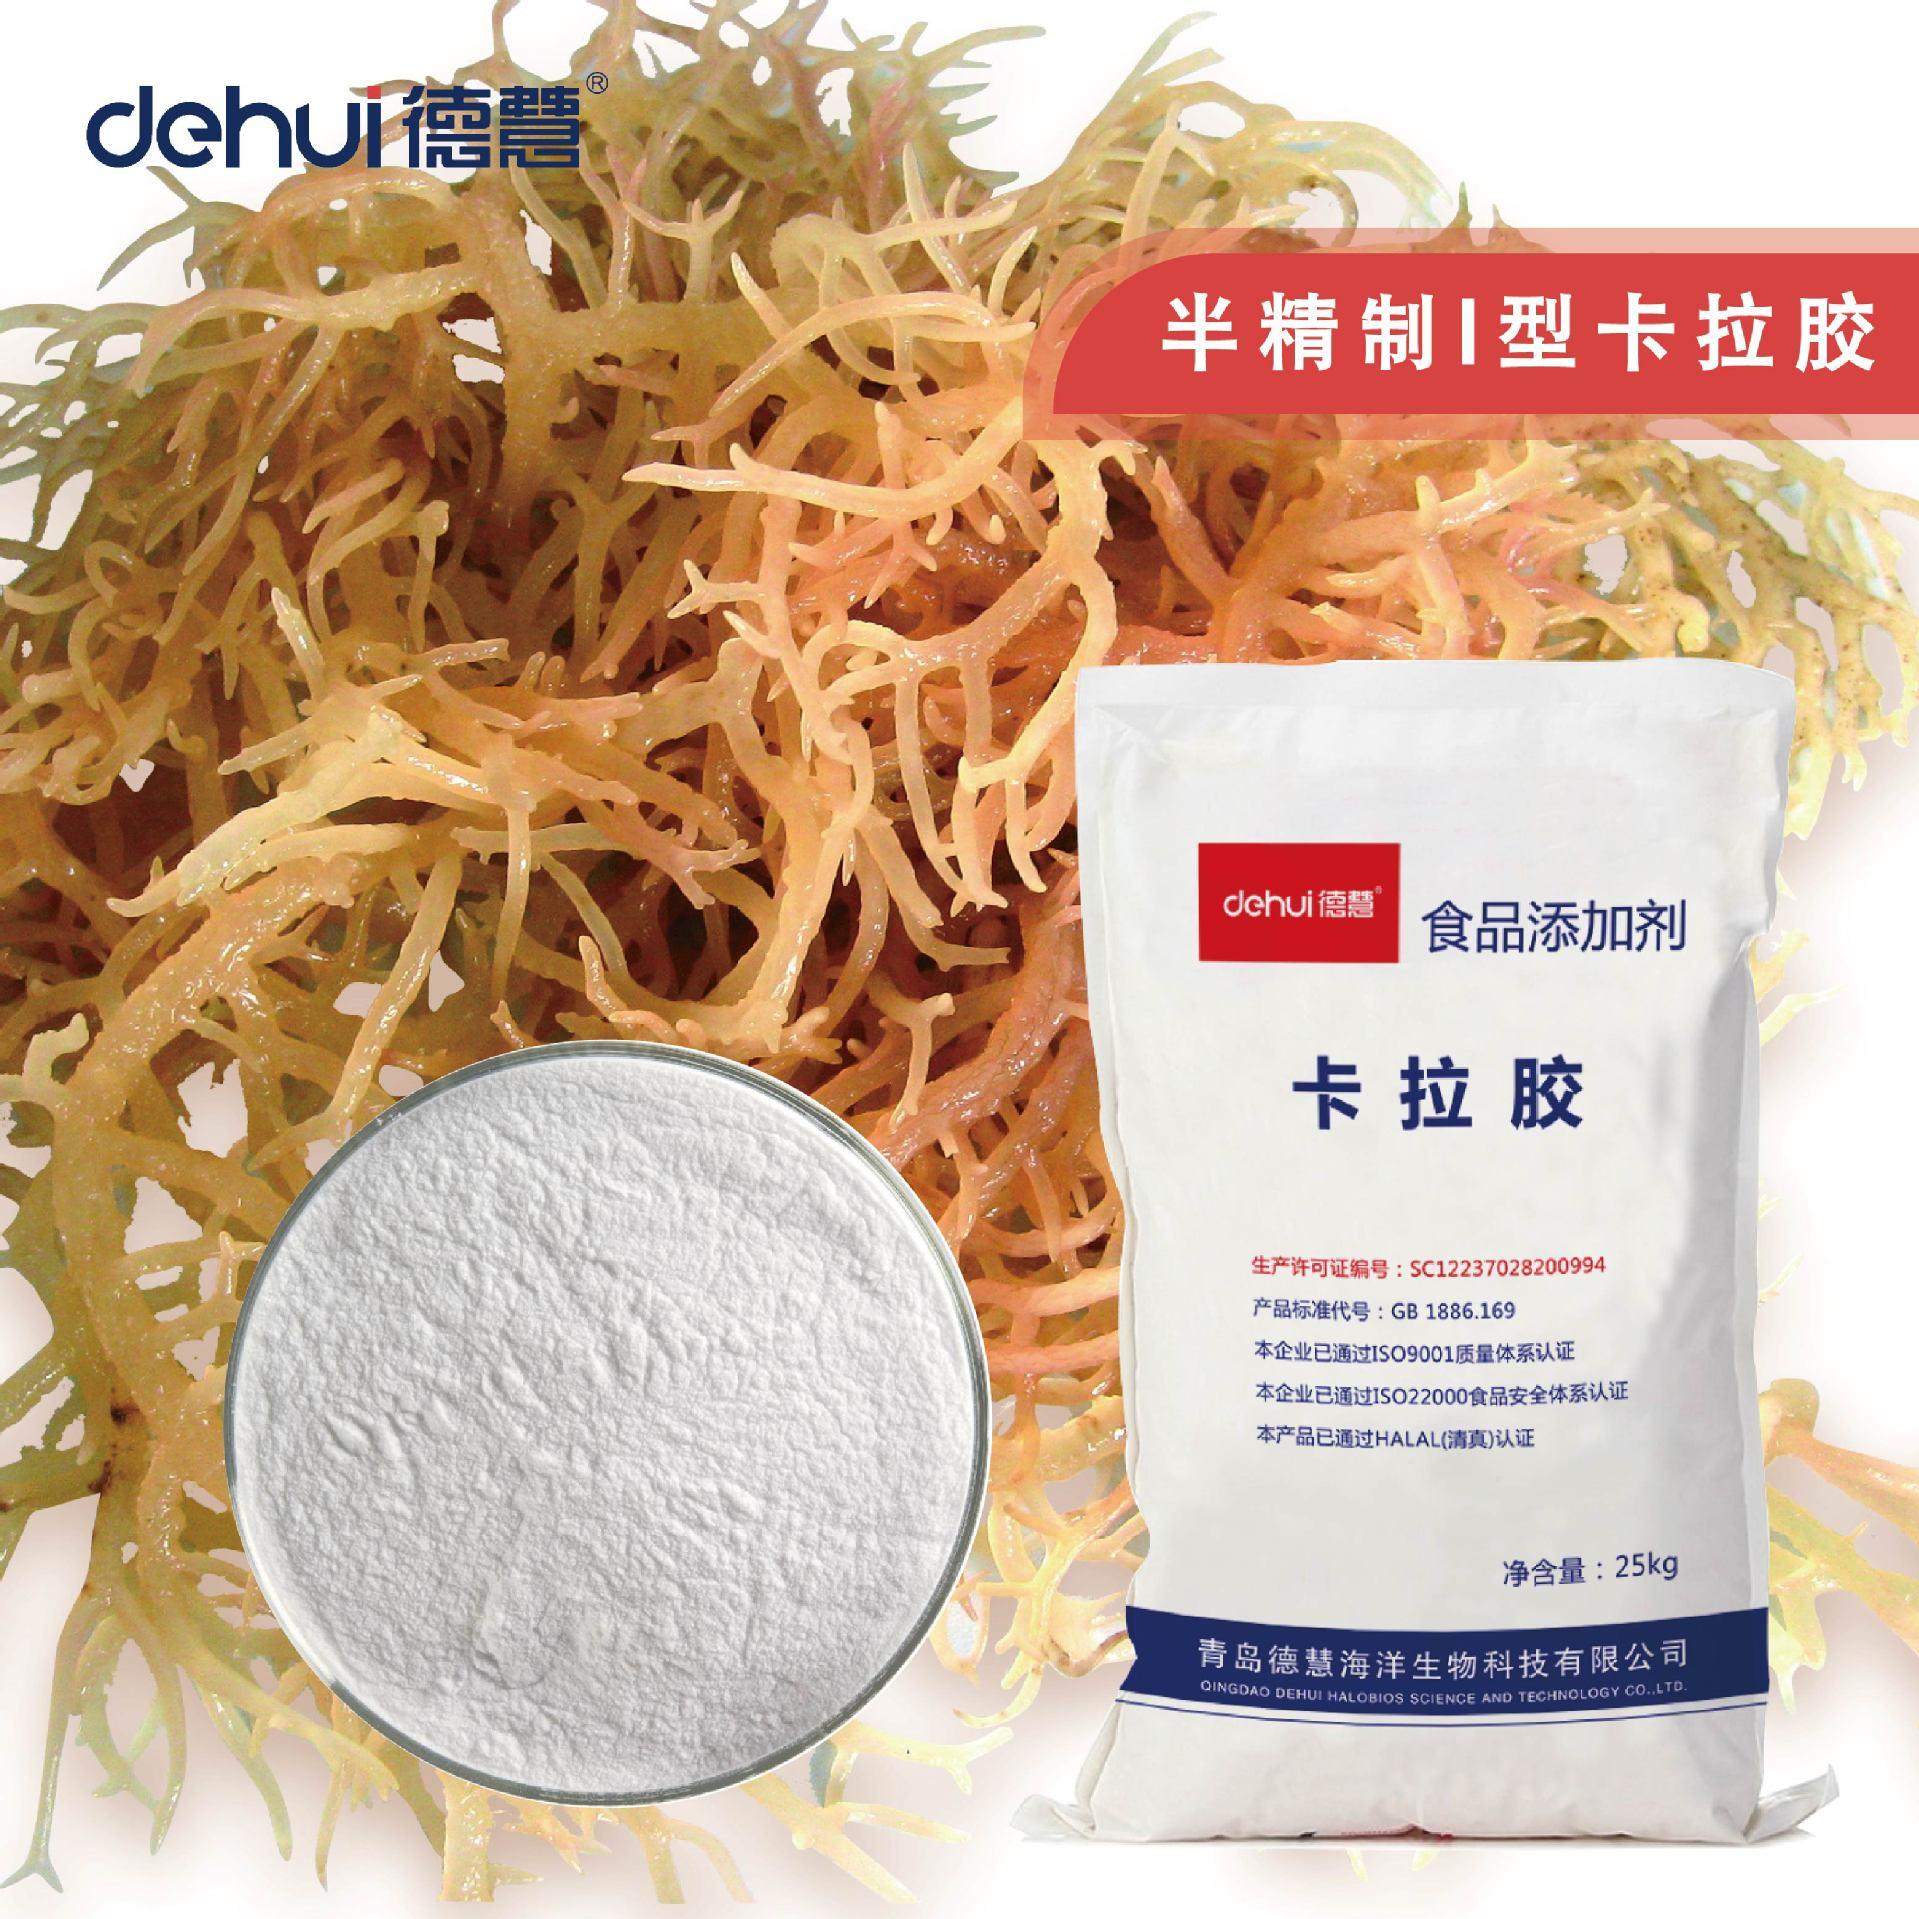 DEHUI Chất phụ gia thực phẩm Nhà máy trực tiếp bán tinh chế Iota (I) loại 120 lưới Carrageenan phụ g